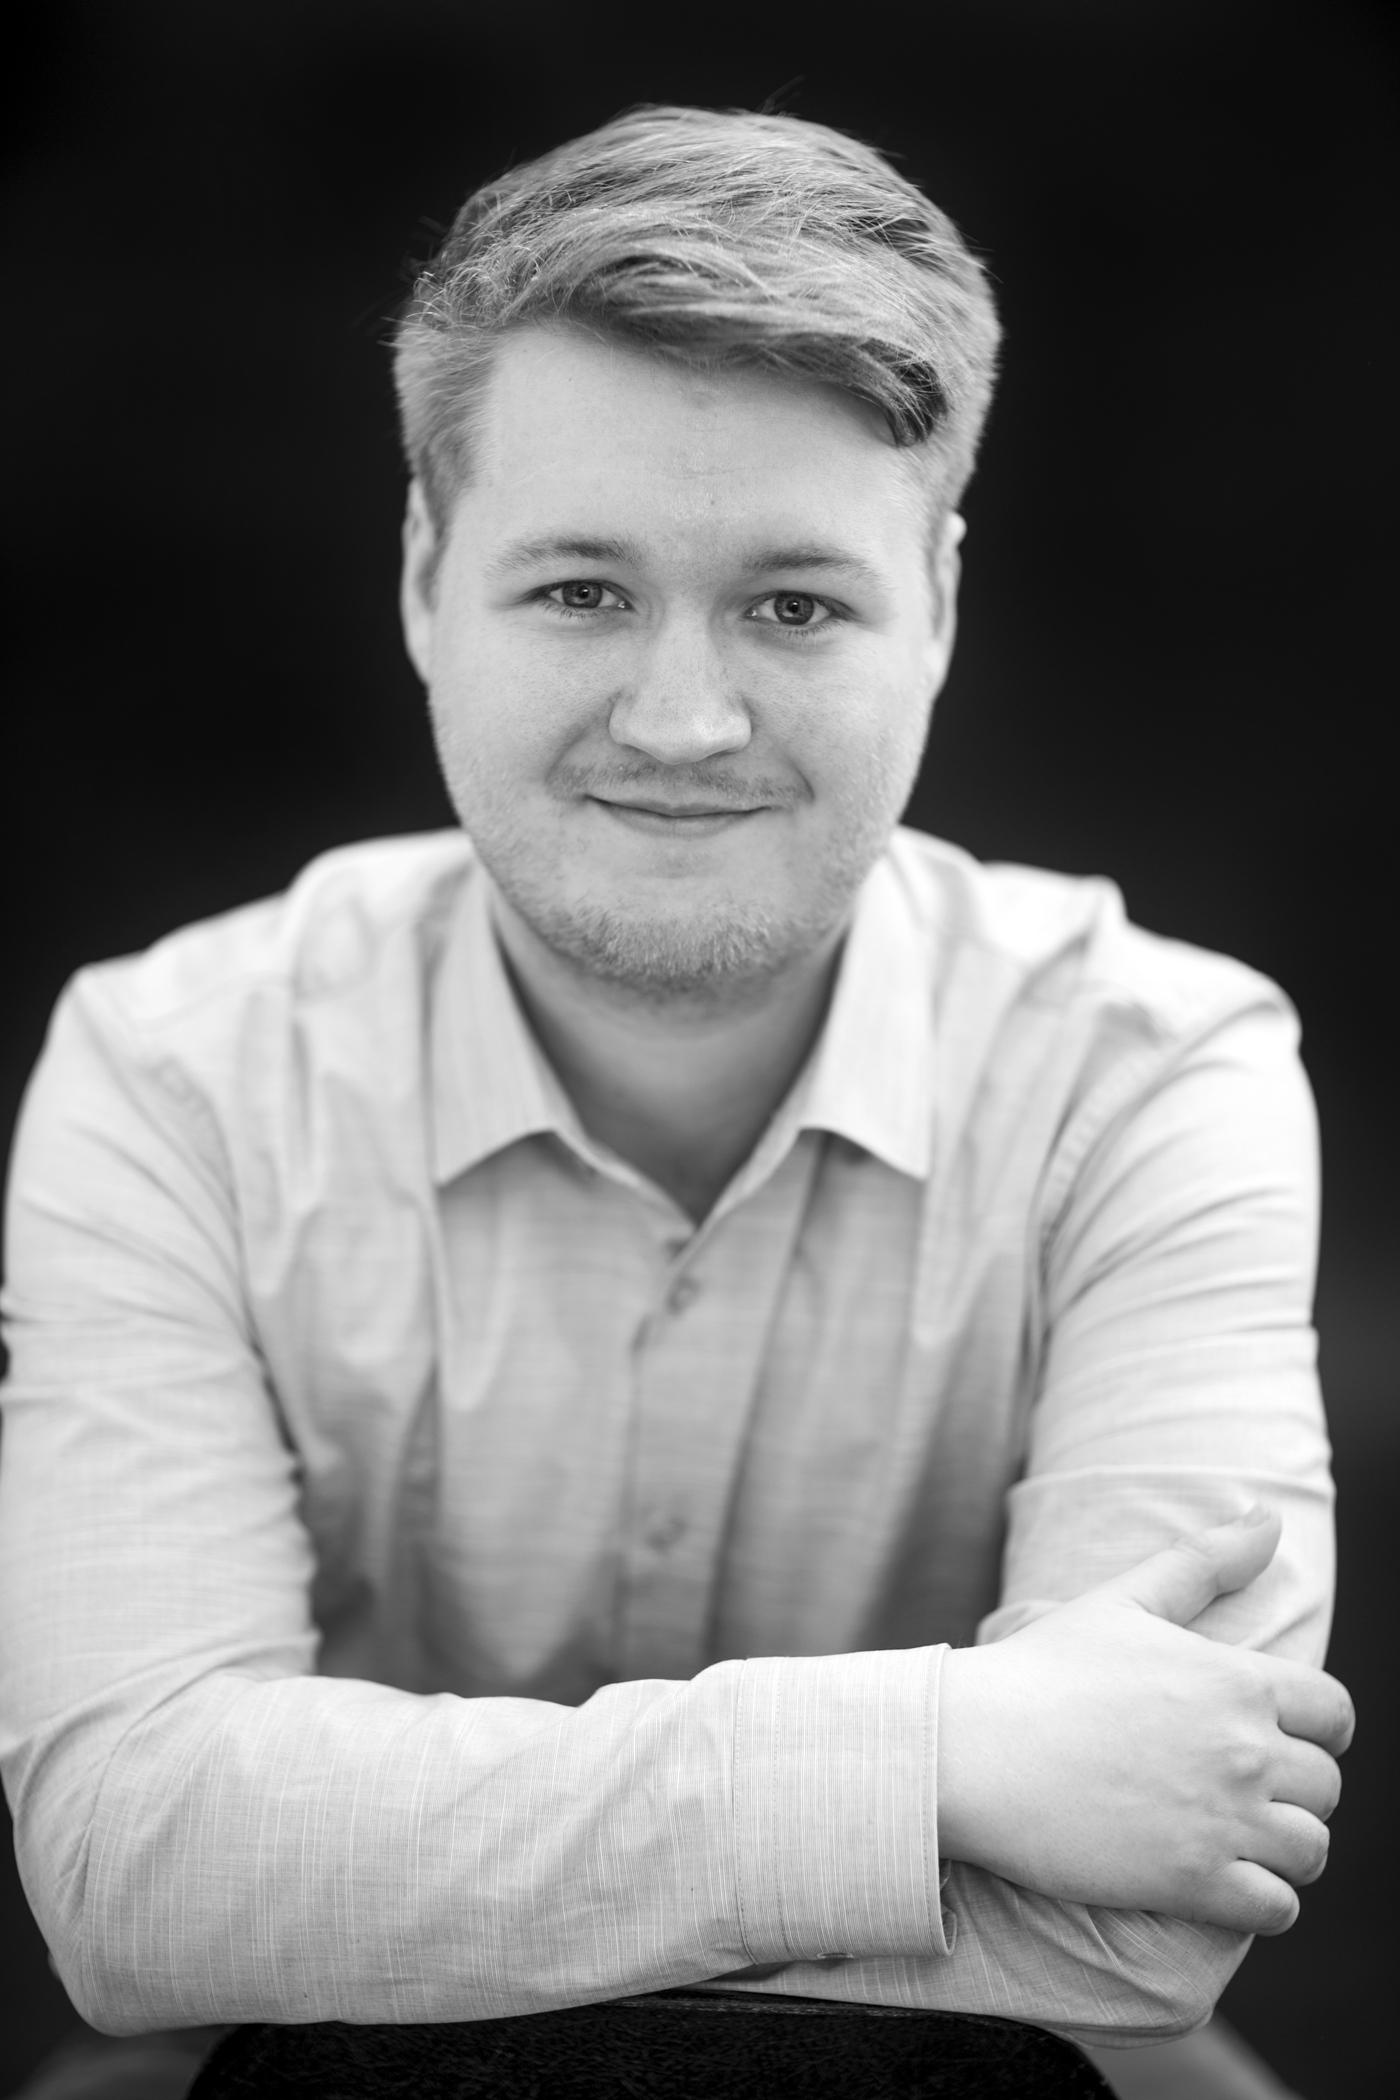 Marcel Baisch